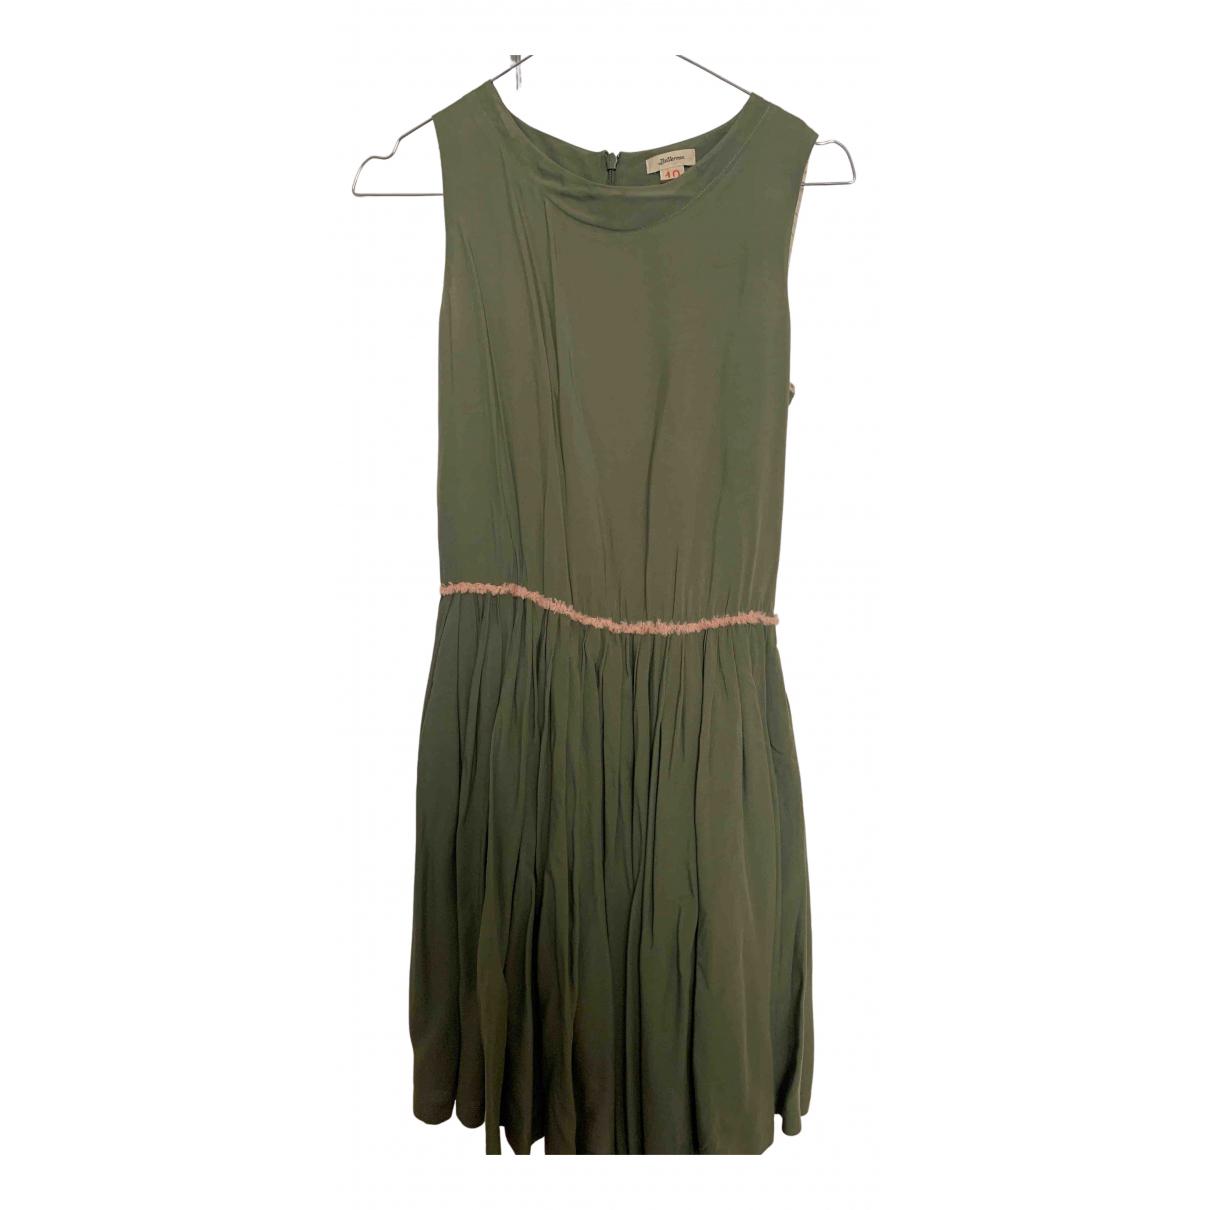 Bellerose - Robe    pour enfant - vert